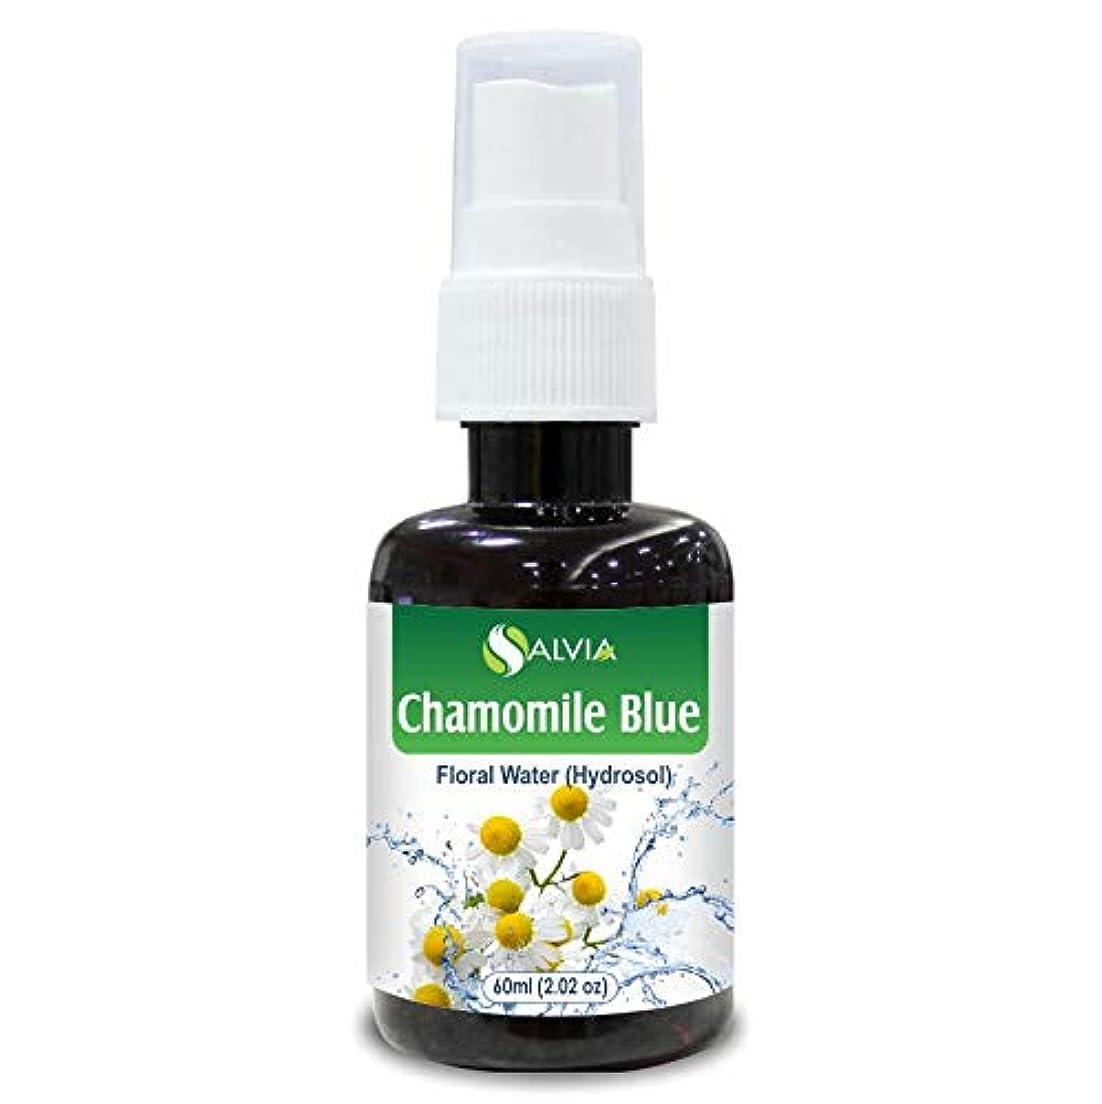 モトリーいつ盟主Chamomile Oil, Blue Floral Water 60ml (Hydrosol) 100% Pure And Natural